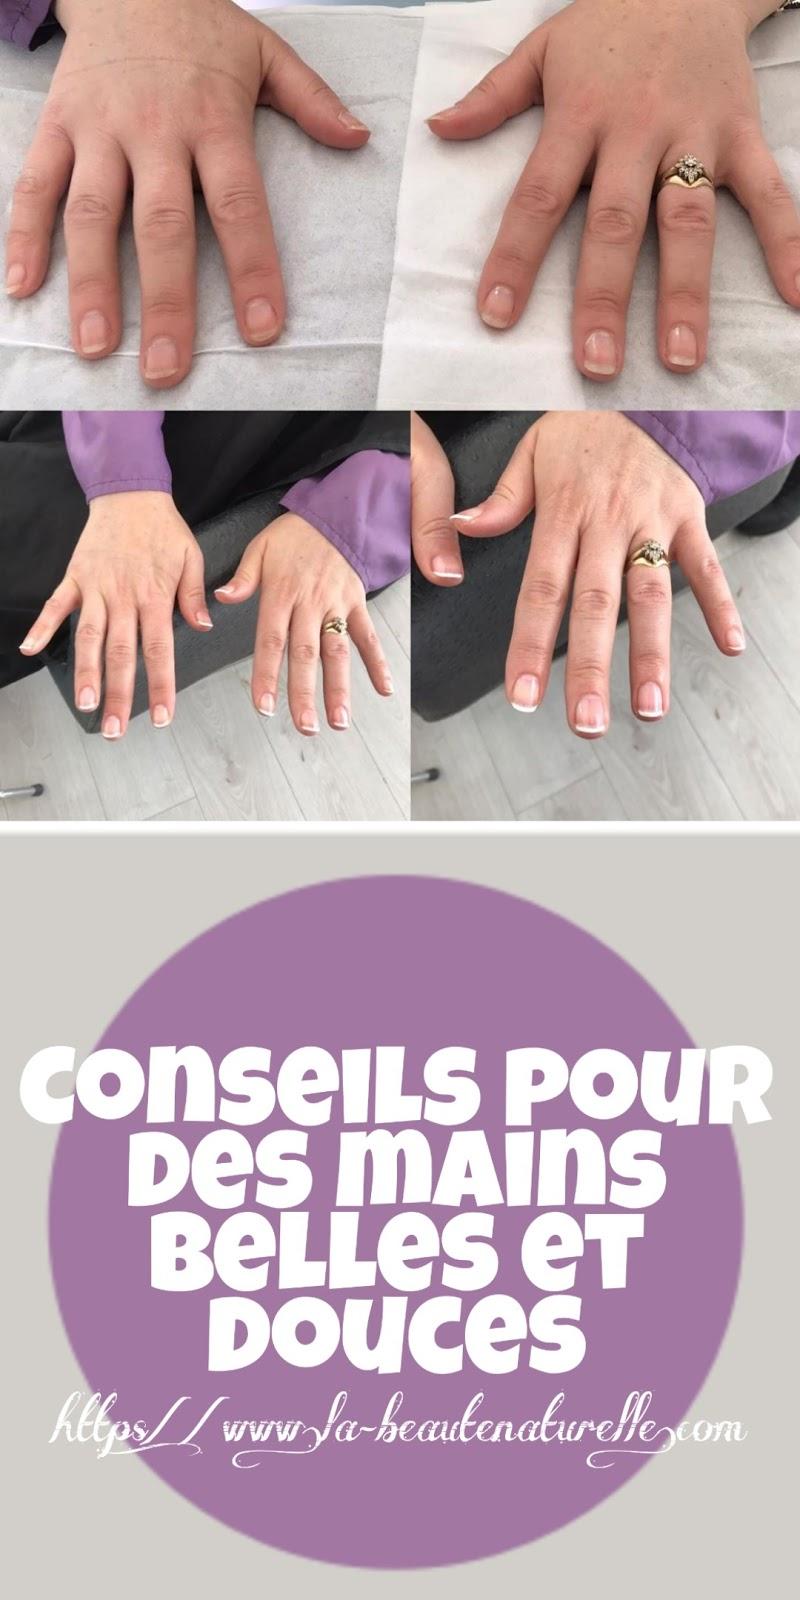 Conseils pour des mains belles et douces